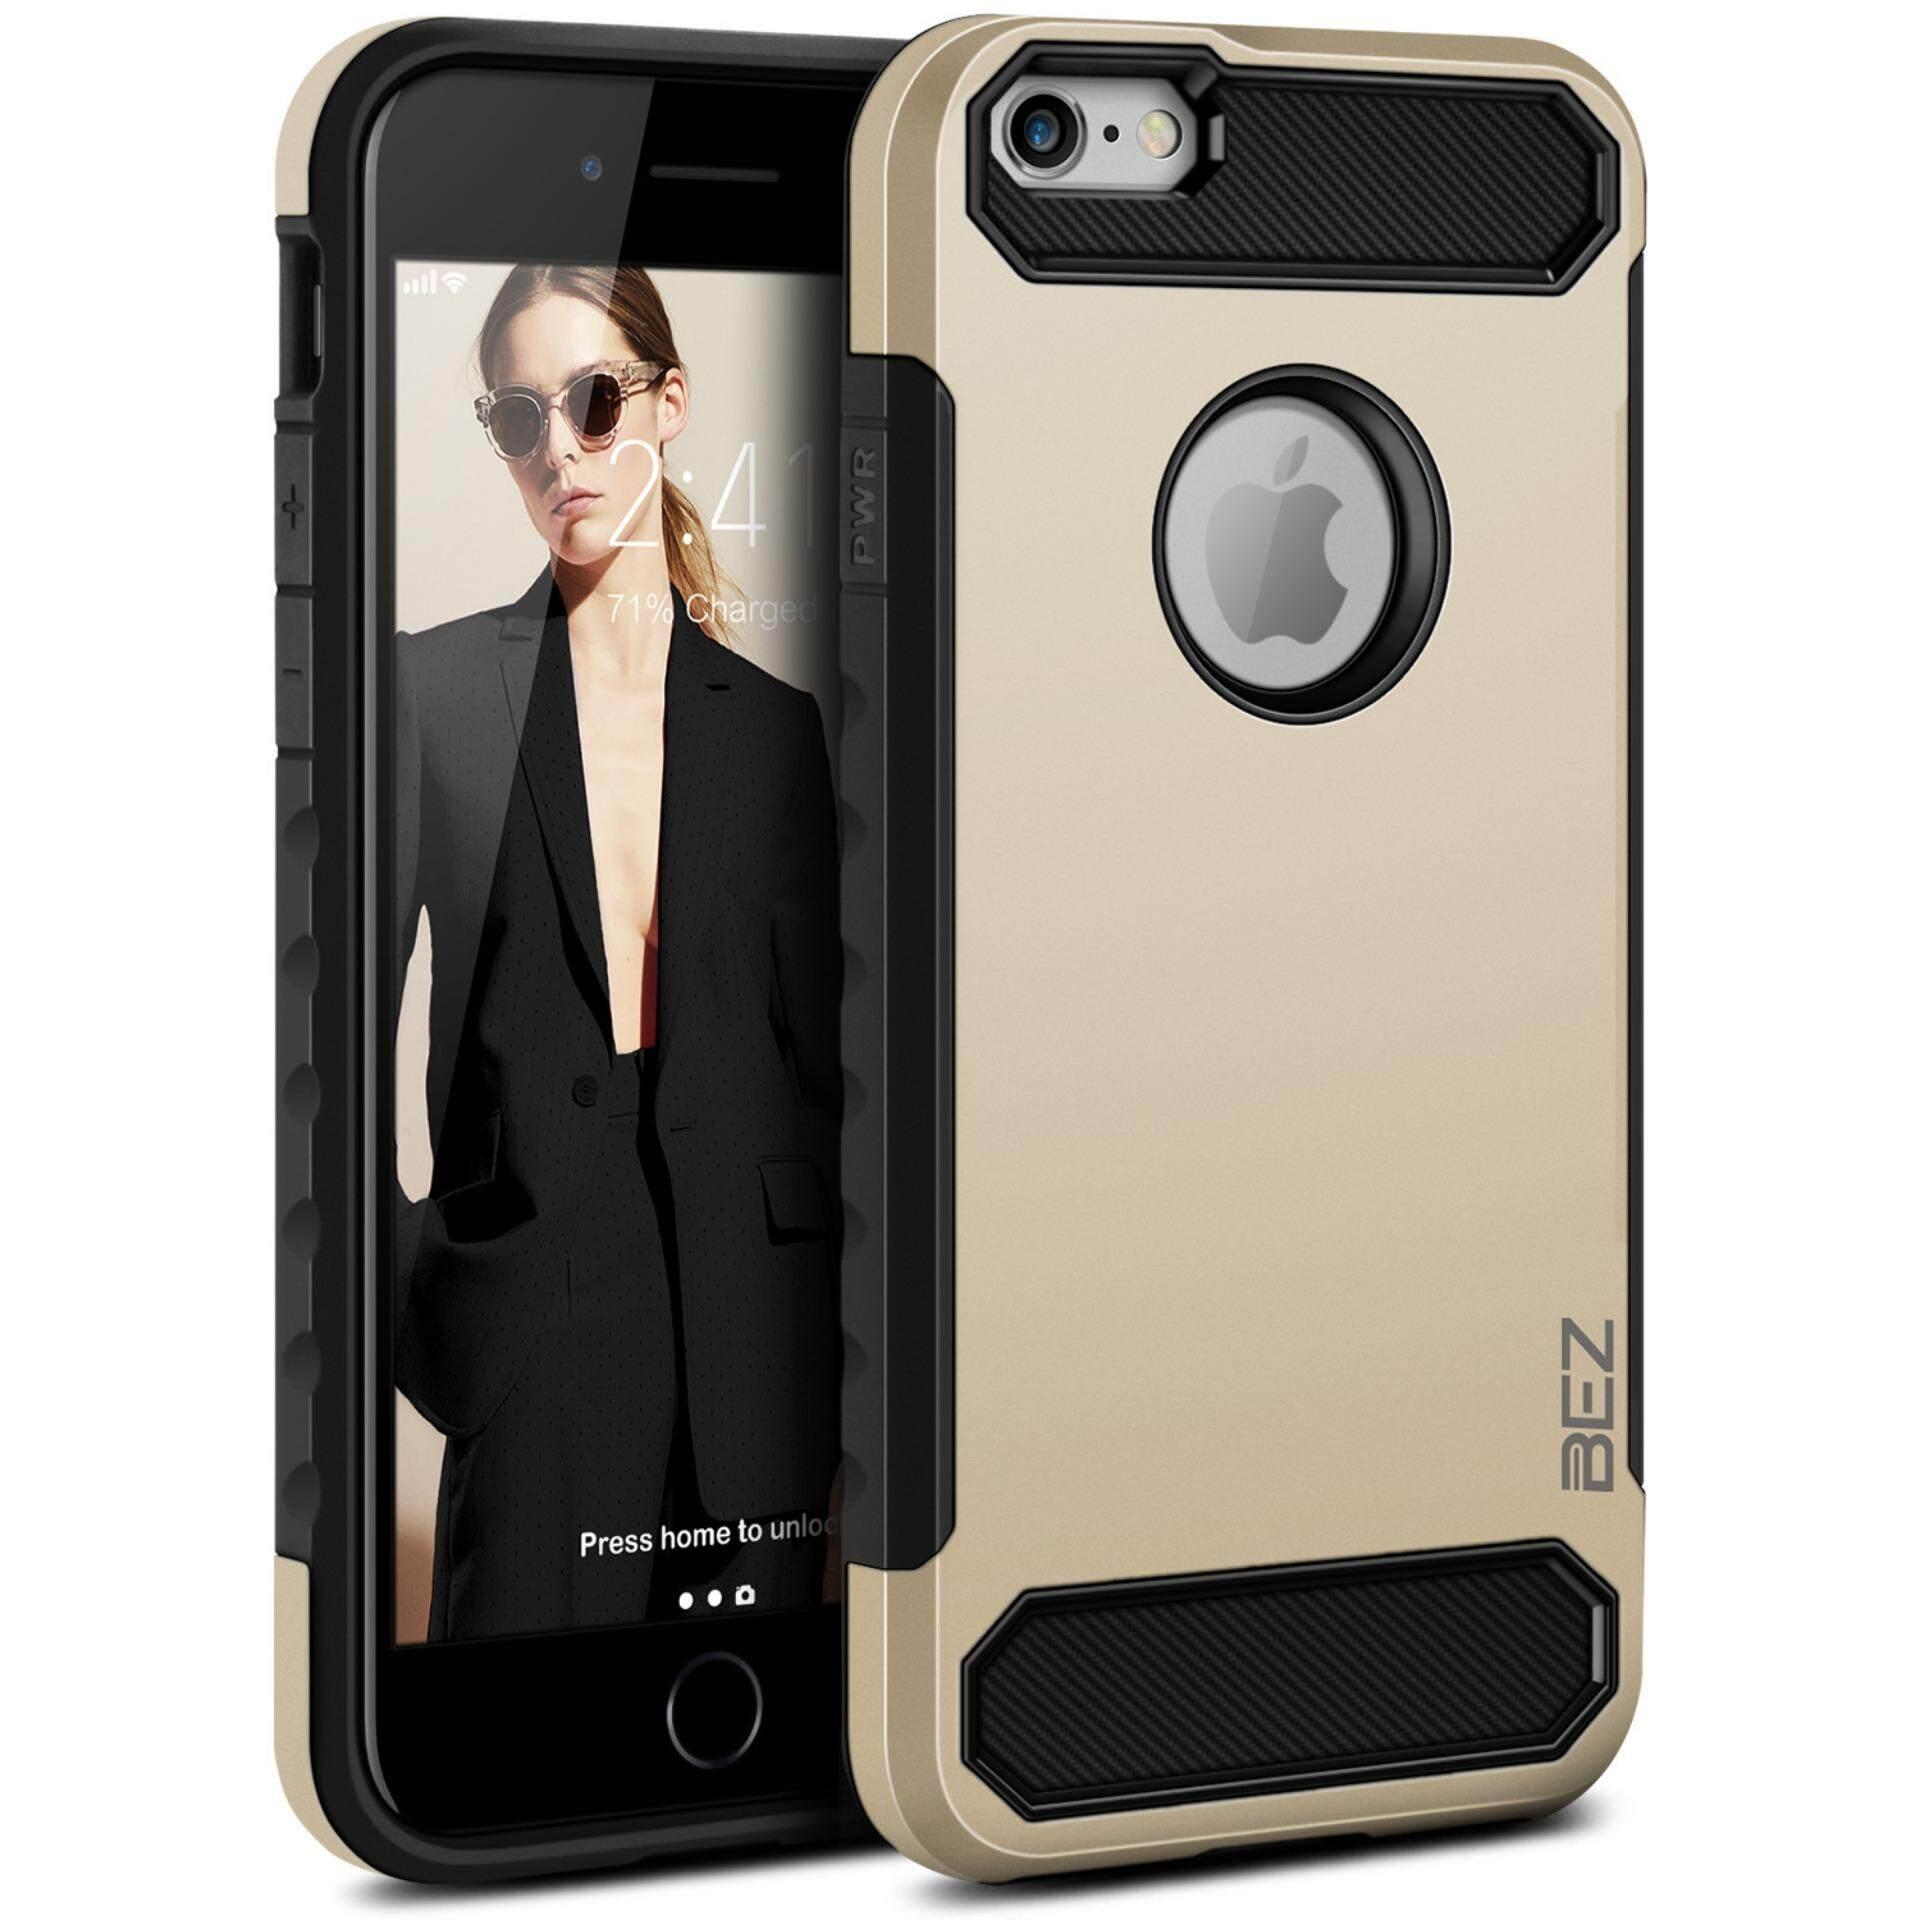 เช็คราคา เคส iPhone 6/ iPhone 6S เคสไอโฟน 6 6S case iPhone 6/ iPhone 6S BEZ เคสมือถือ เคส ไอโฟน เคสฝาหลัง กันกระแทก -สีดำ Shockproof Case Dual Layer Tough Cover for iPhone 6/ iPhone 6S  - (Black) // H3-6G_01 ออนไลน์